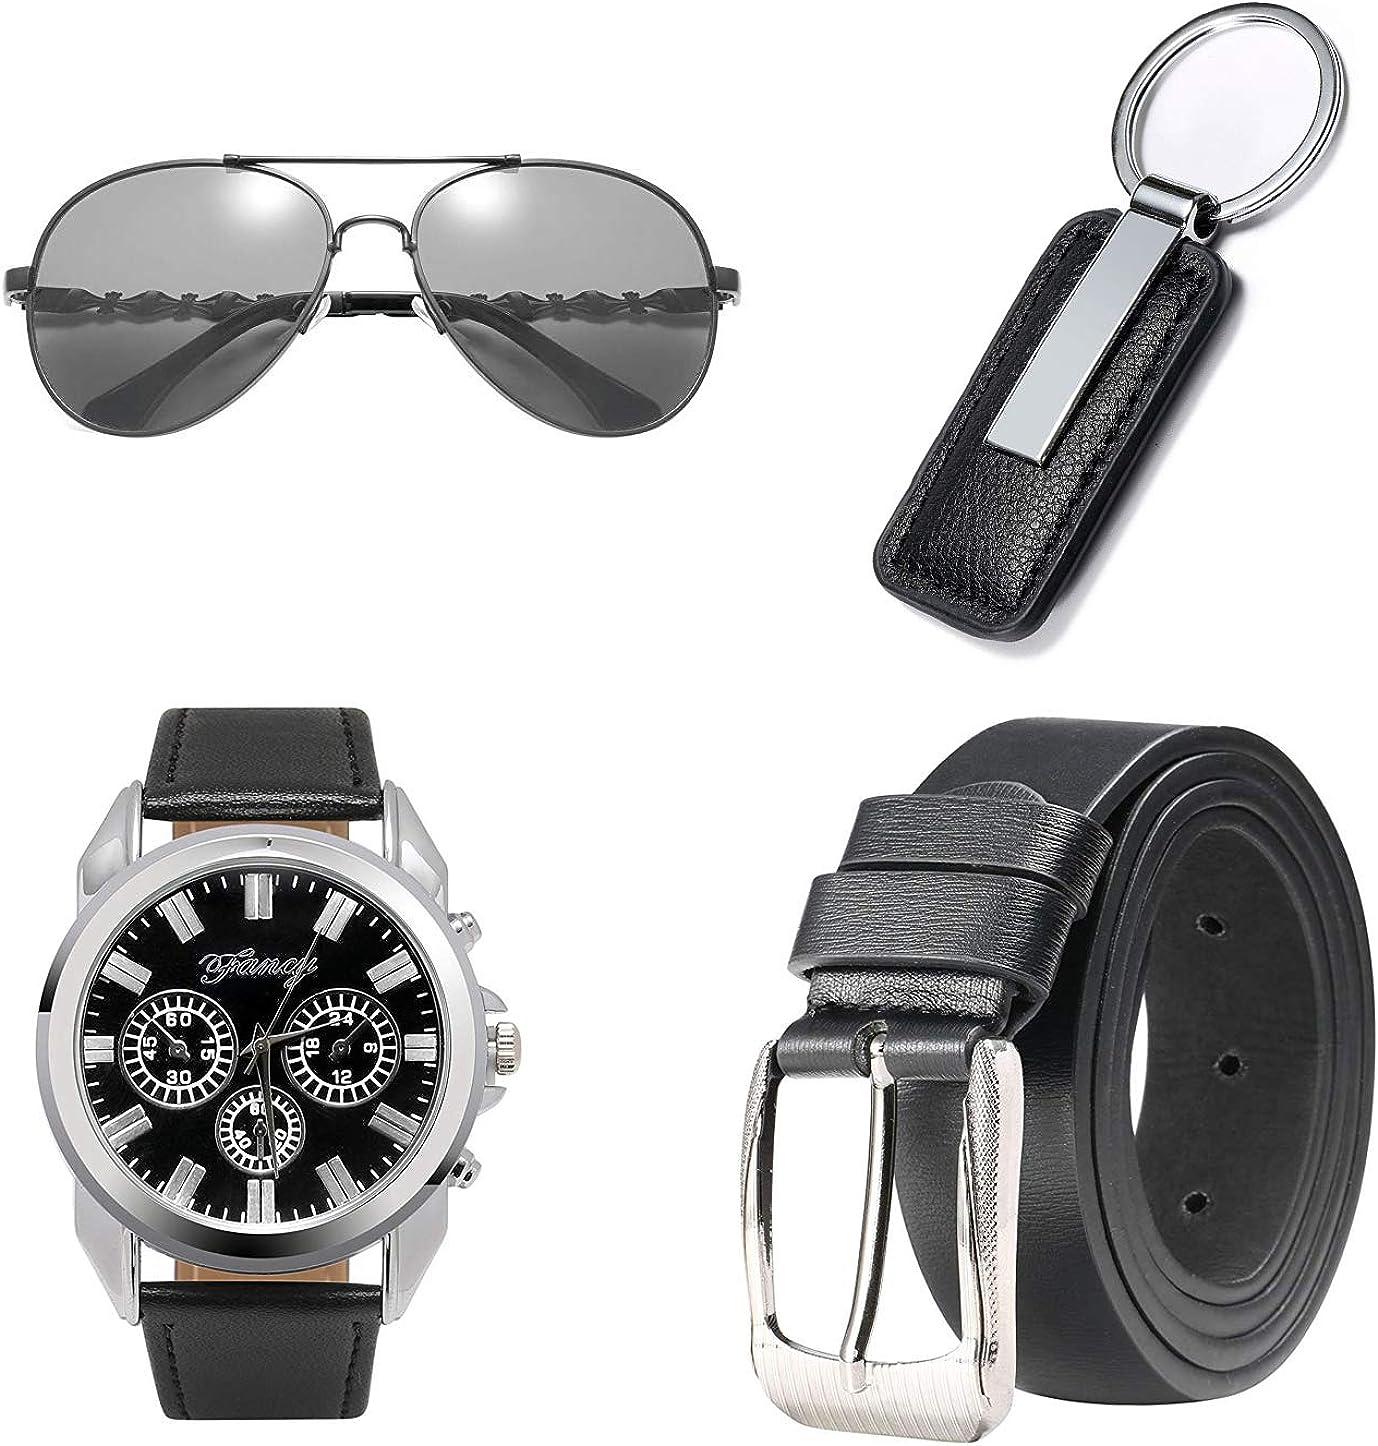 BSTcentelha - Reloj de Pulsera analógico de Cuarzo para Hombre, Piel Artificial, Llavero, Gafas de Sol, Color Azul Oscuro Regalo perfecto para el día de san valentín